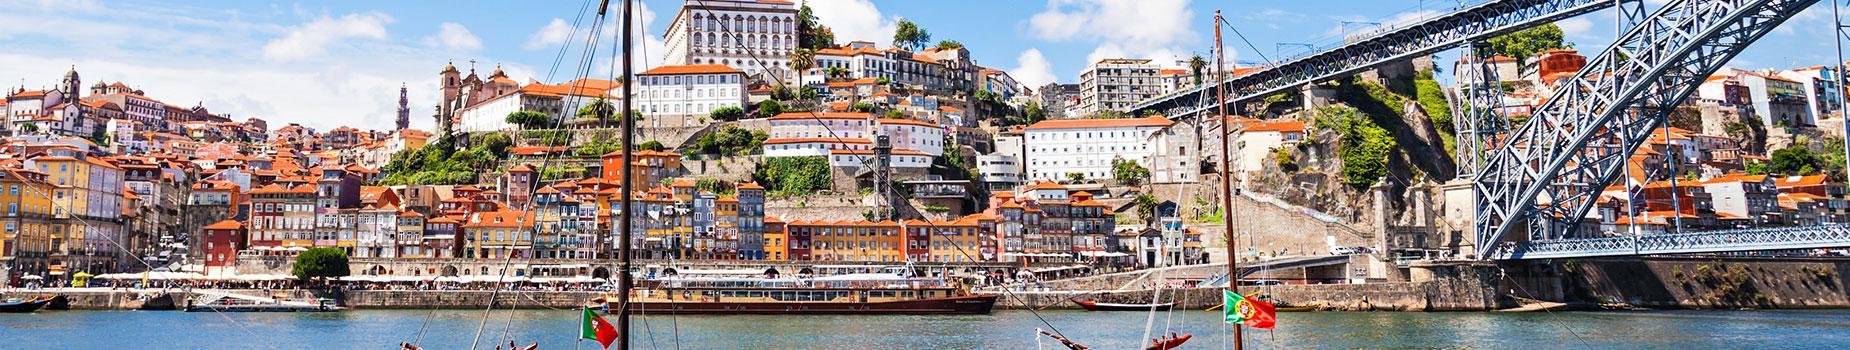 Vlieg busreis Portugal